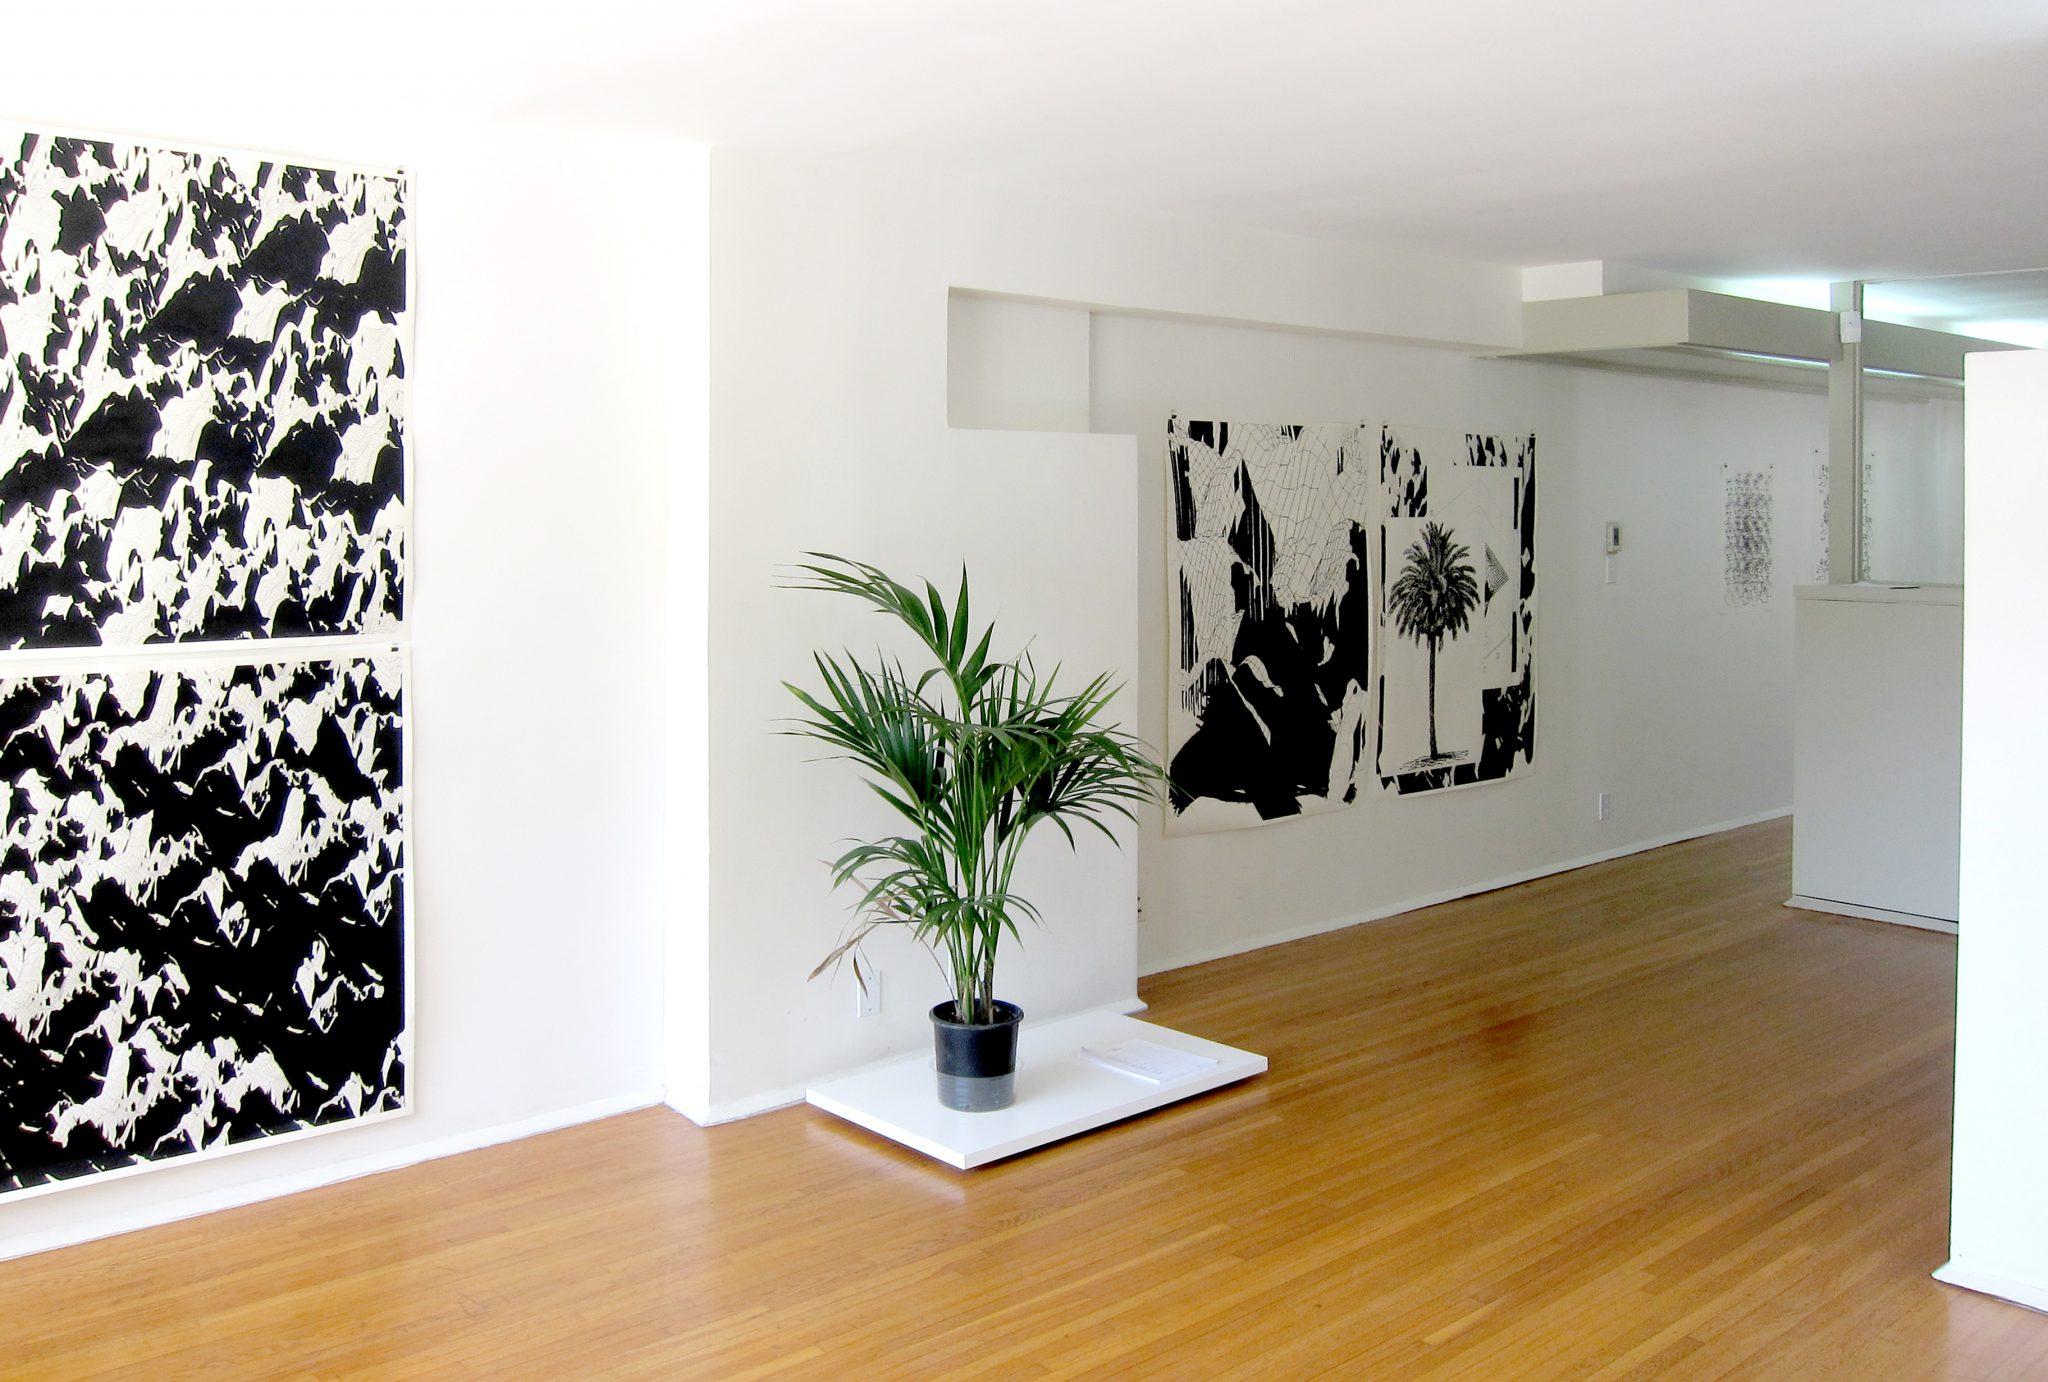 Peter Jellitsch, contemporary artist, contemporary art, art, scandaleproject, scandale project,